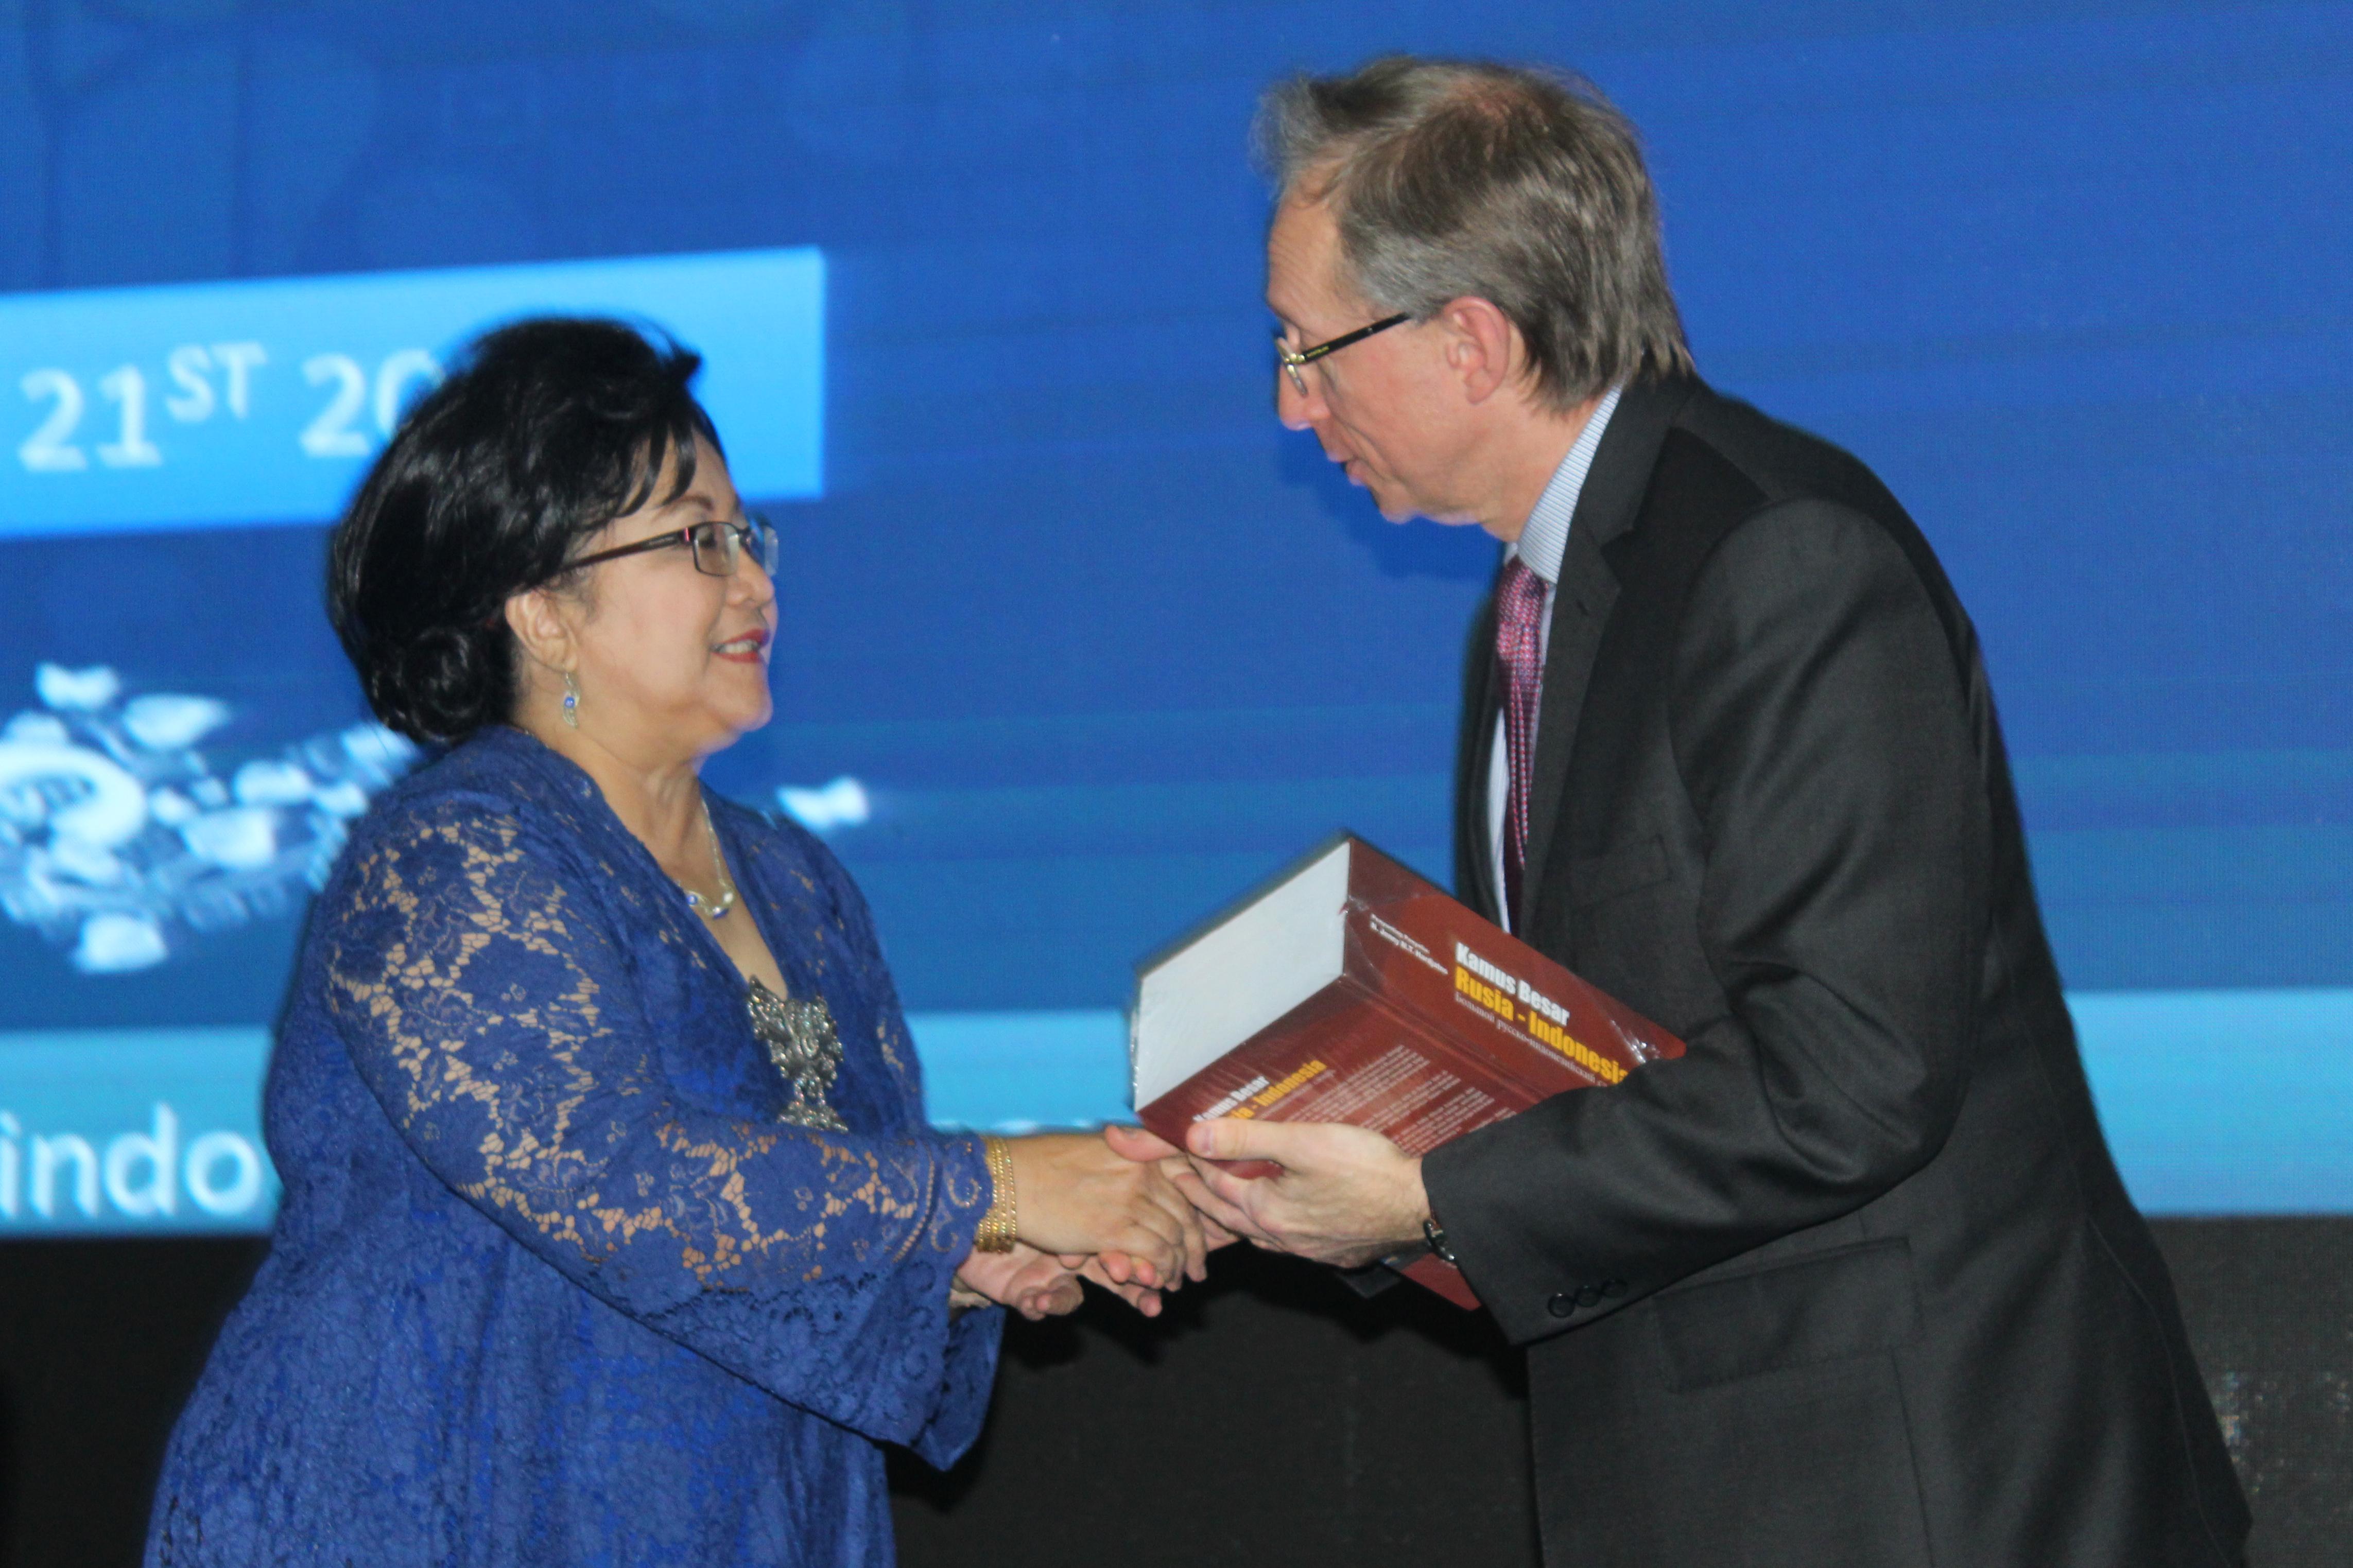 Profesor Jenny memberikan Kamus Besar Rusia-Indonesia kepada Duta Besar Rusia untuk Indonesia Mikhail Galuzin pada peluncuran akbar kamus di Lembaga Ketahanan Nasional (Lemhanas), Jumat (20/10). Sumber: Fauzan Al-Rasyid/RBTH Indonesia